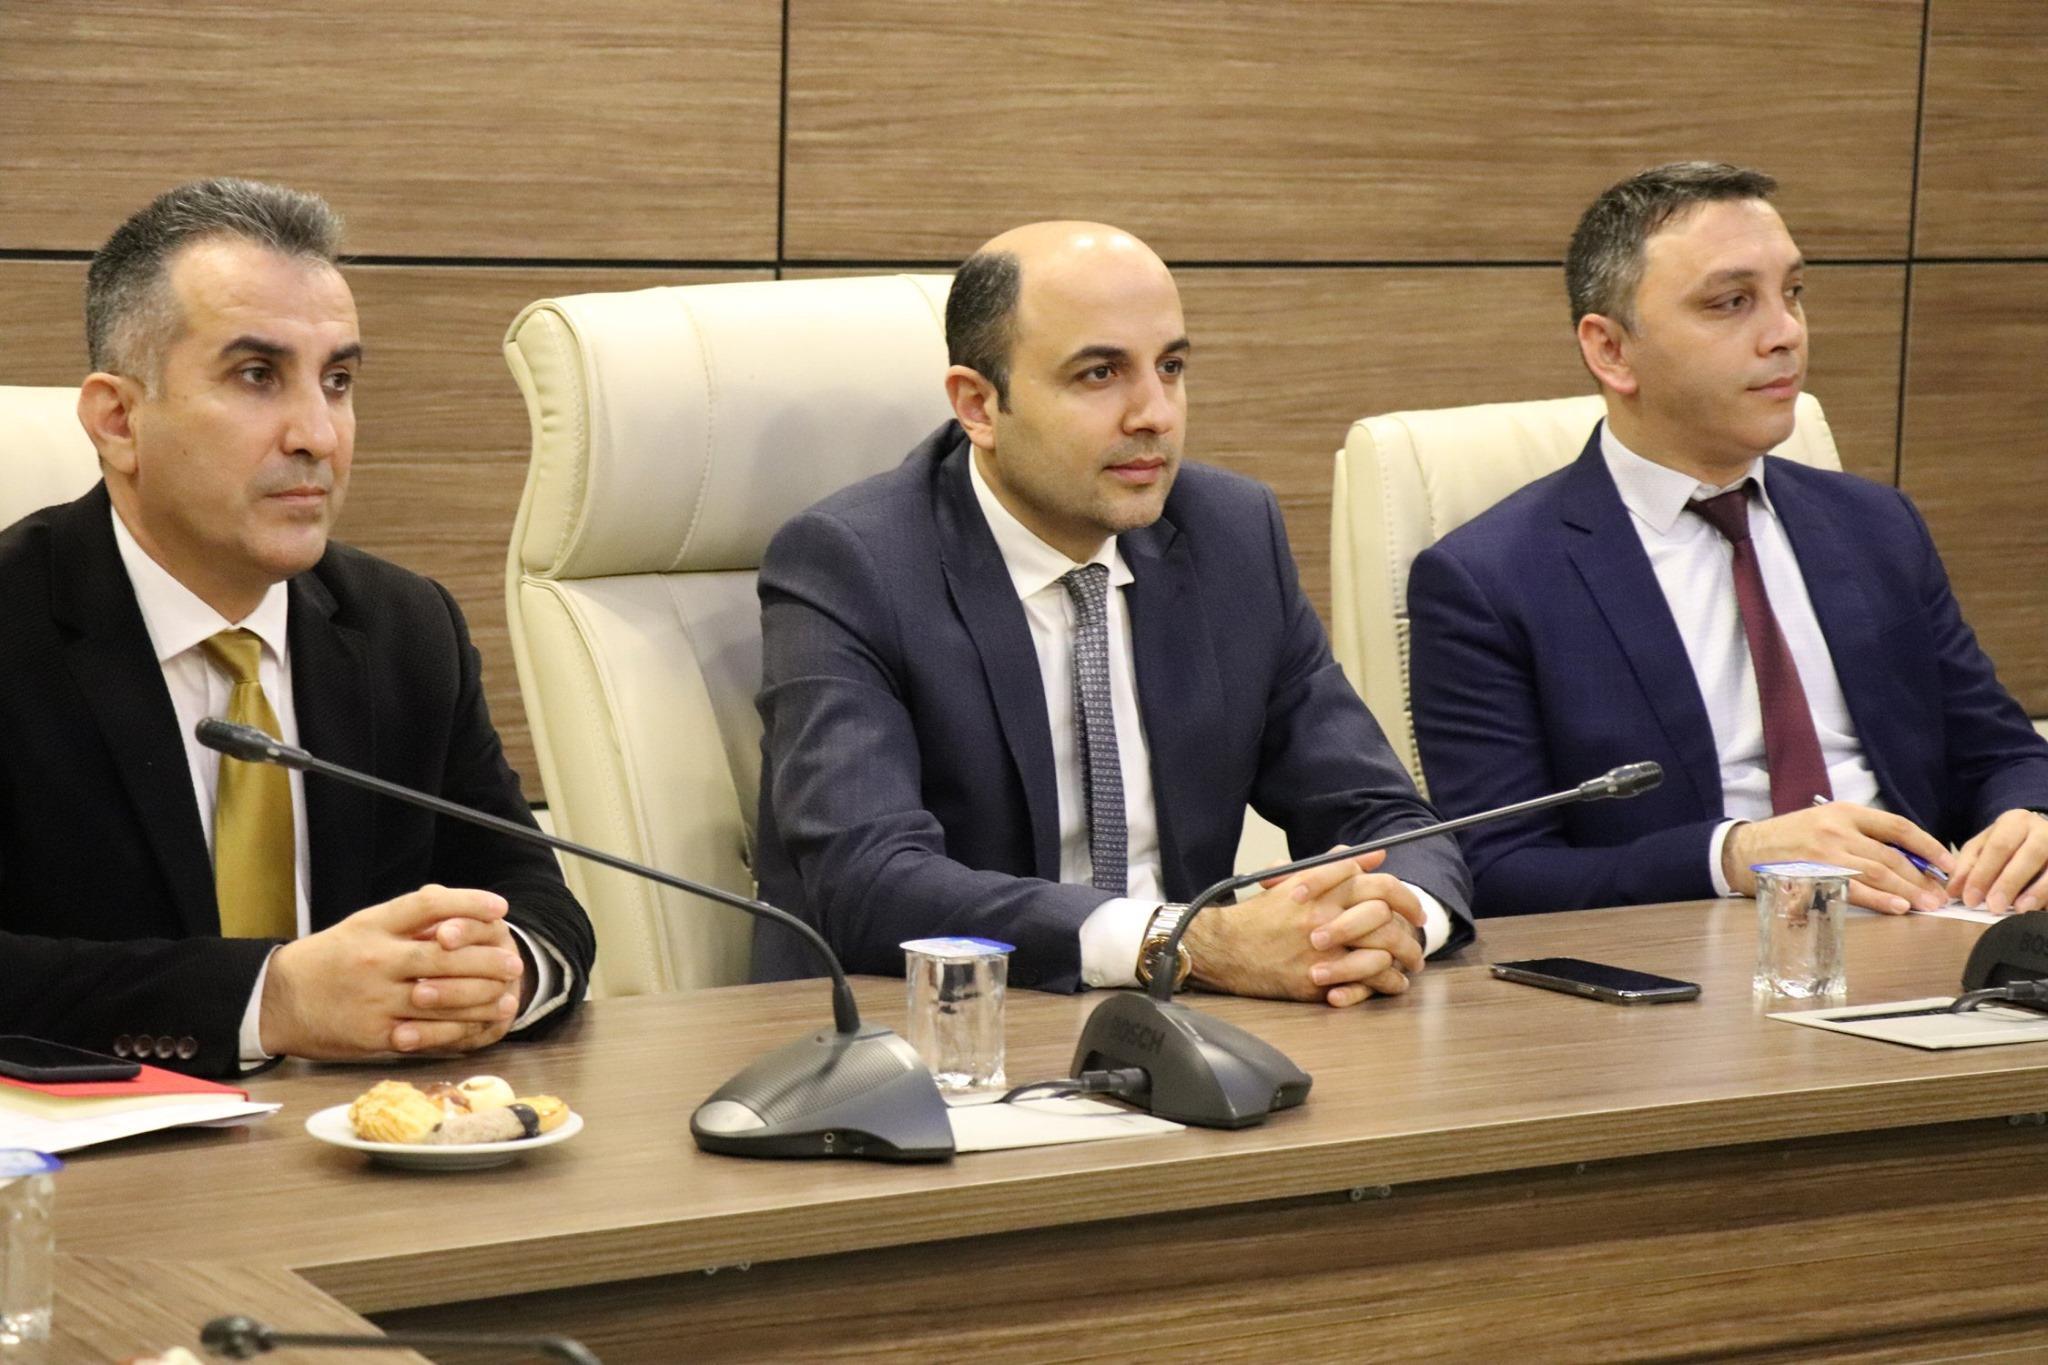 SABİM-CİMER Sistem İşleyişi ve Değerlendirme Toplantısı